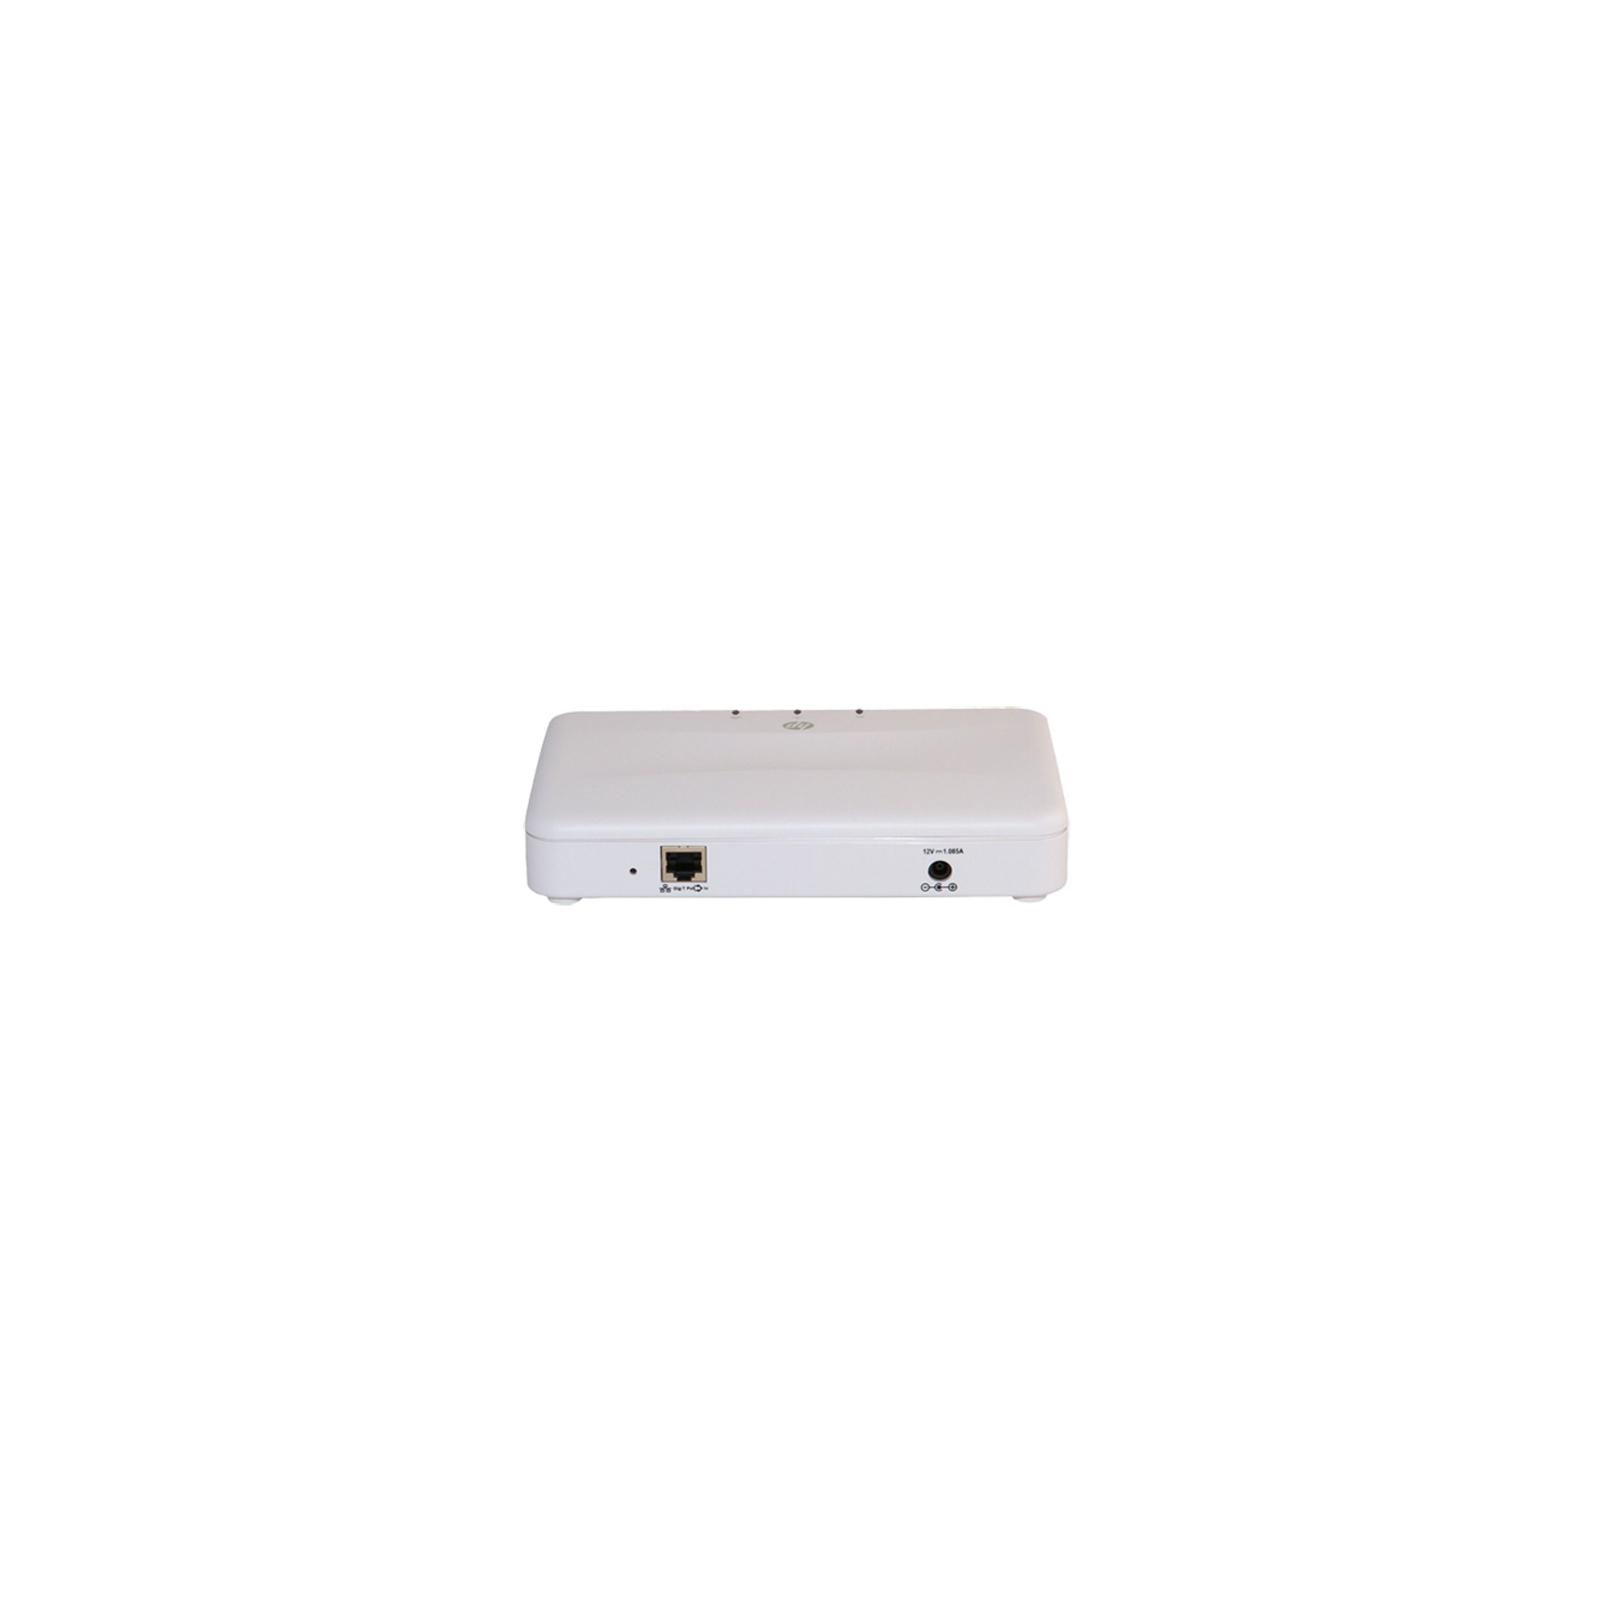 Точка доступа Wi-Fi HP M220 (J9799A) изображение 3